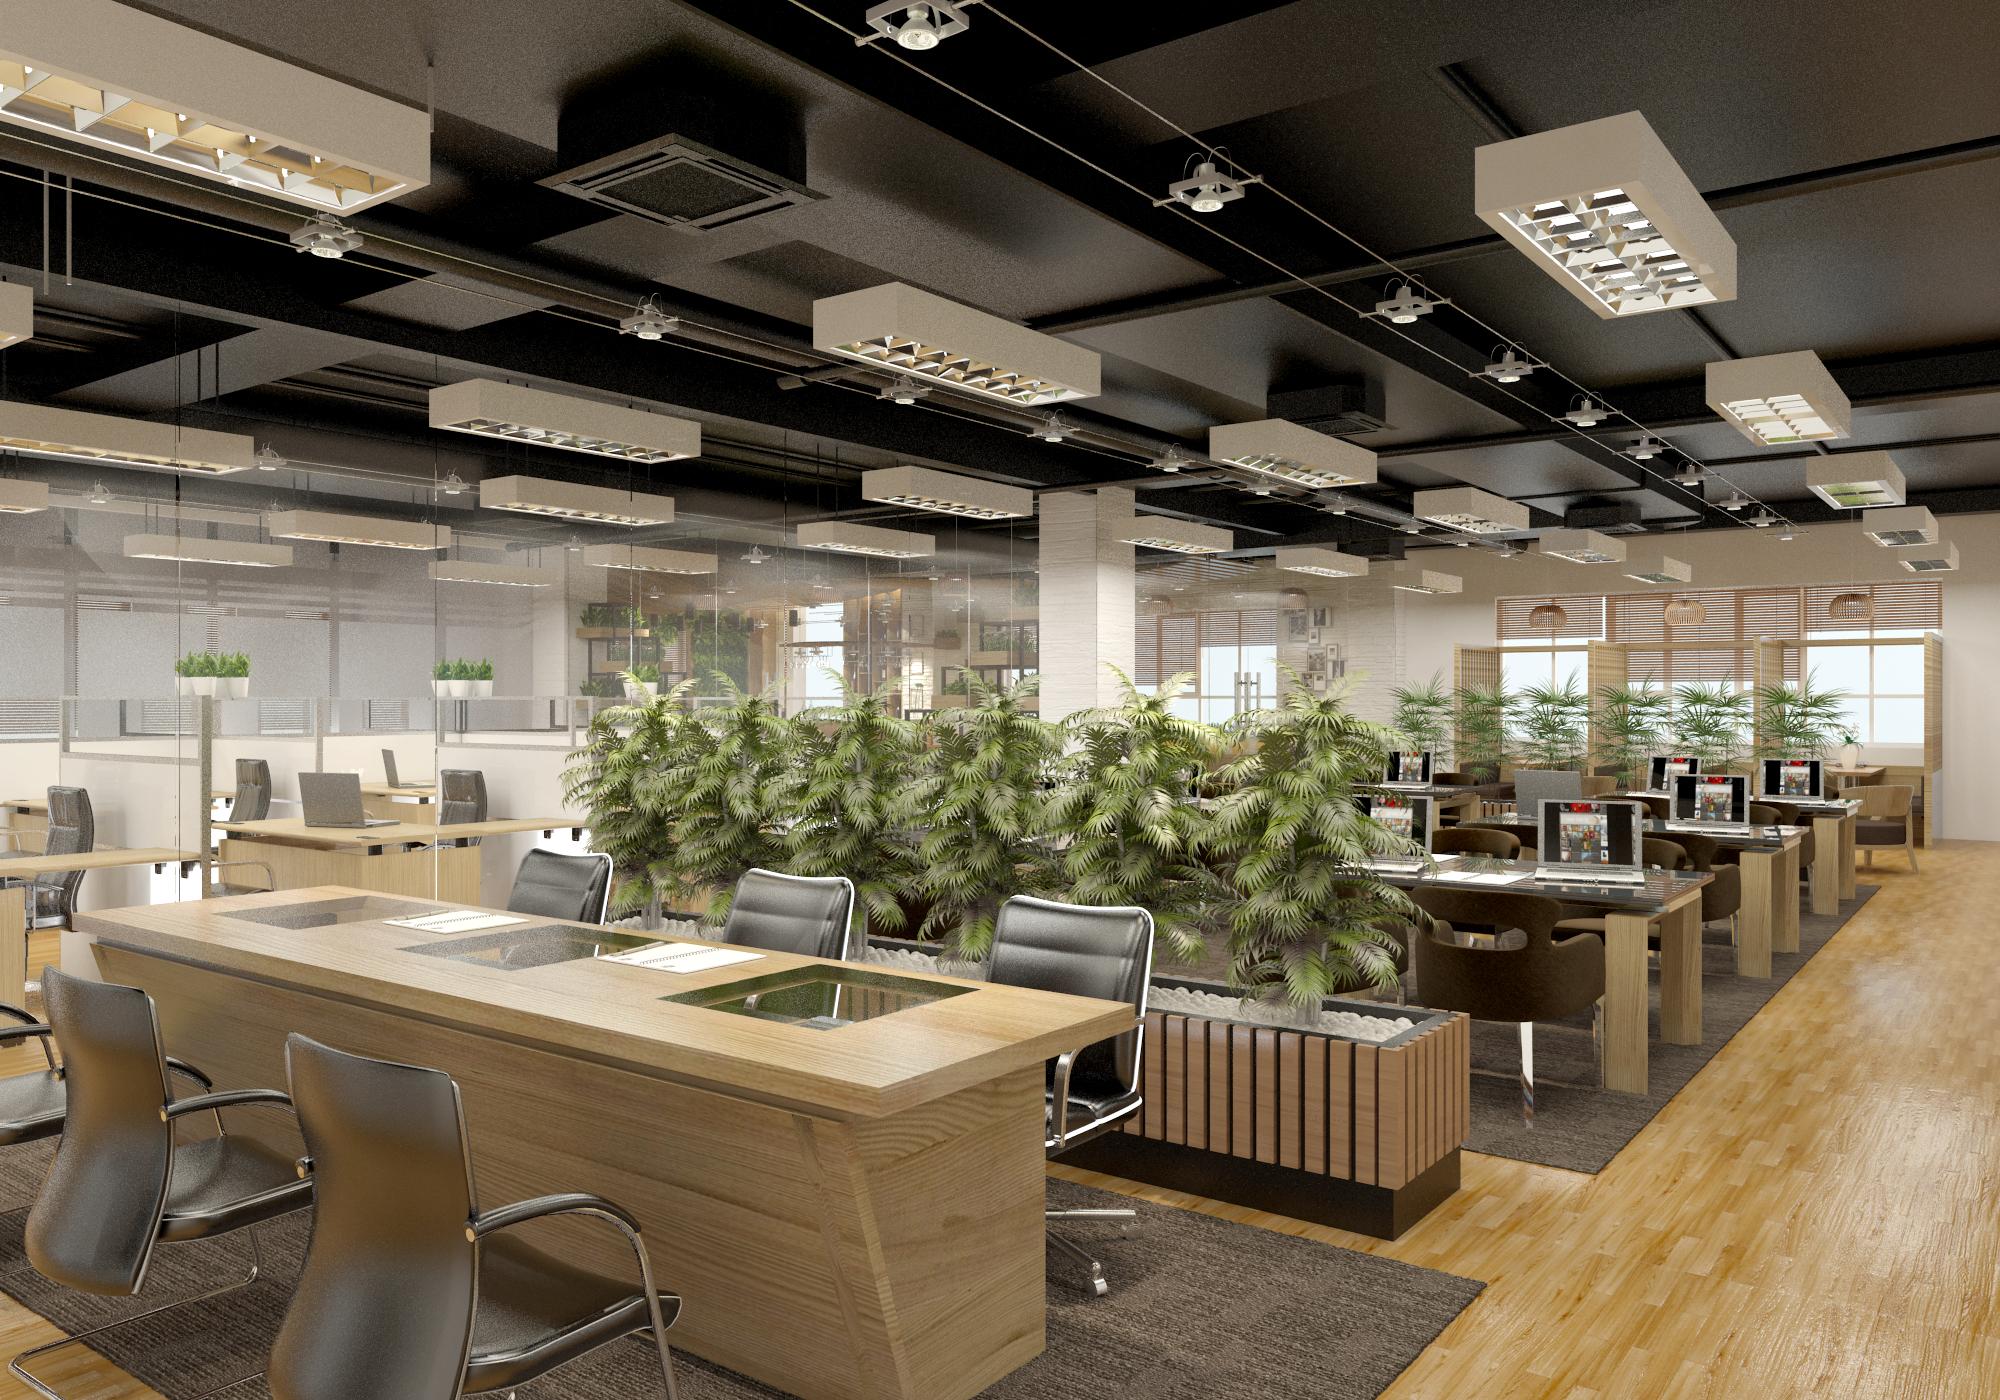 thiết kế nội thất Văn Phòng tại Hà Tĩnh Văn phòng AIA - Hà Tĩnh 3 1568277192